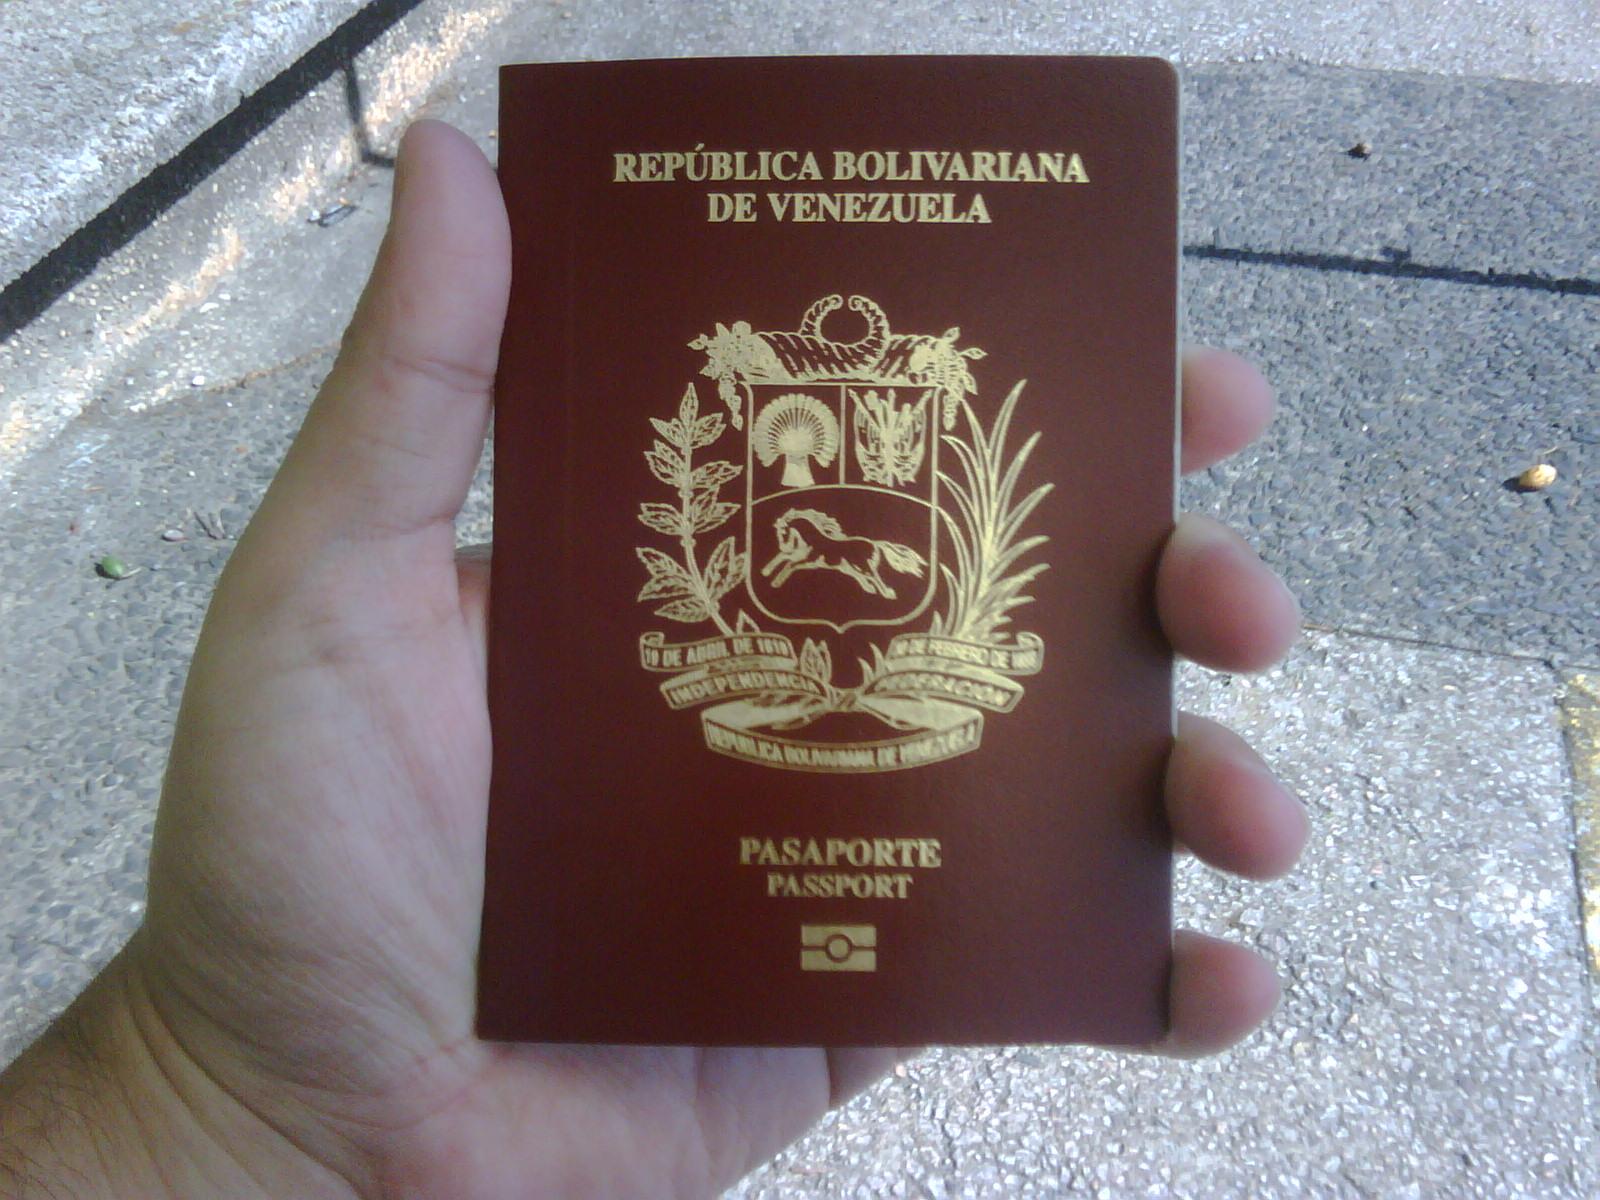 Fotos urgentes para pasaporte df domingo 13